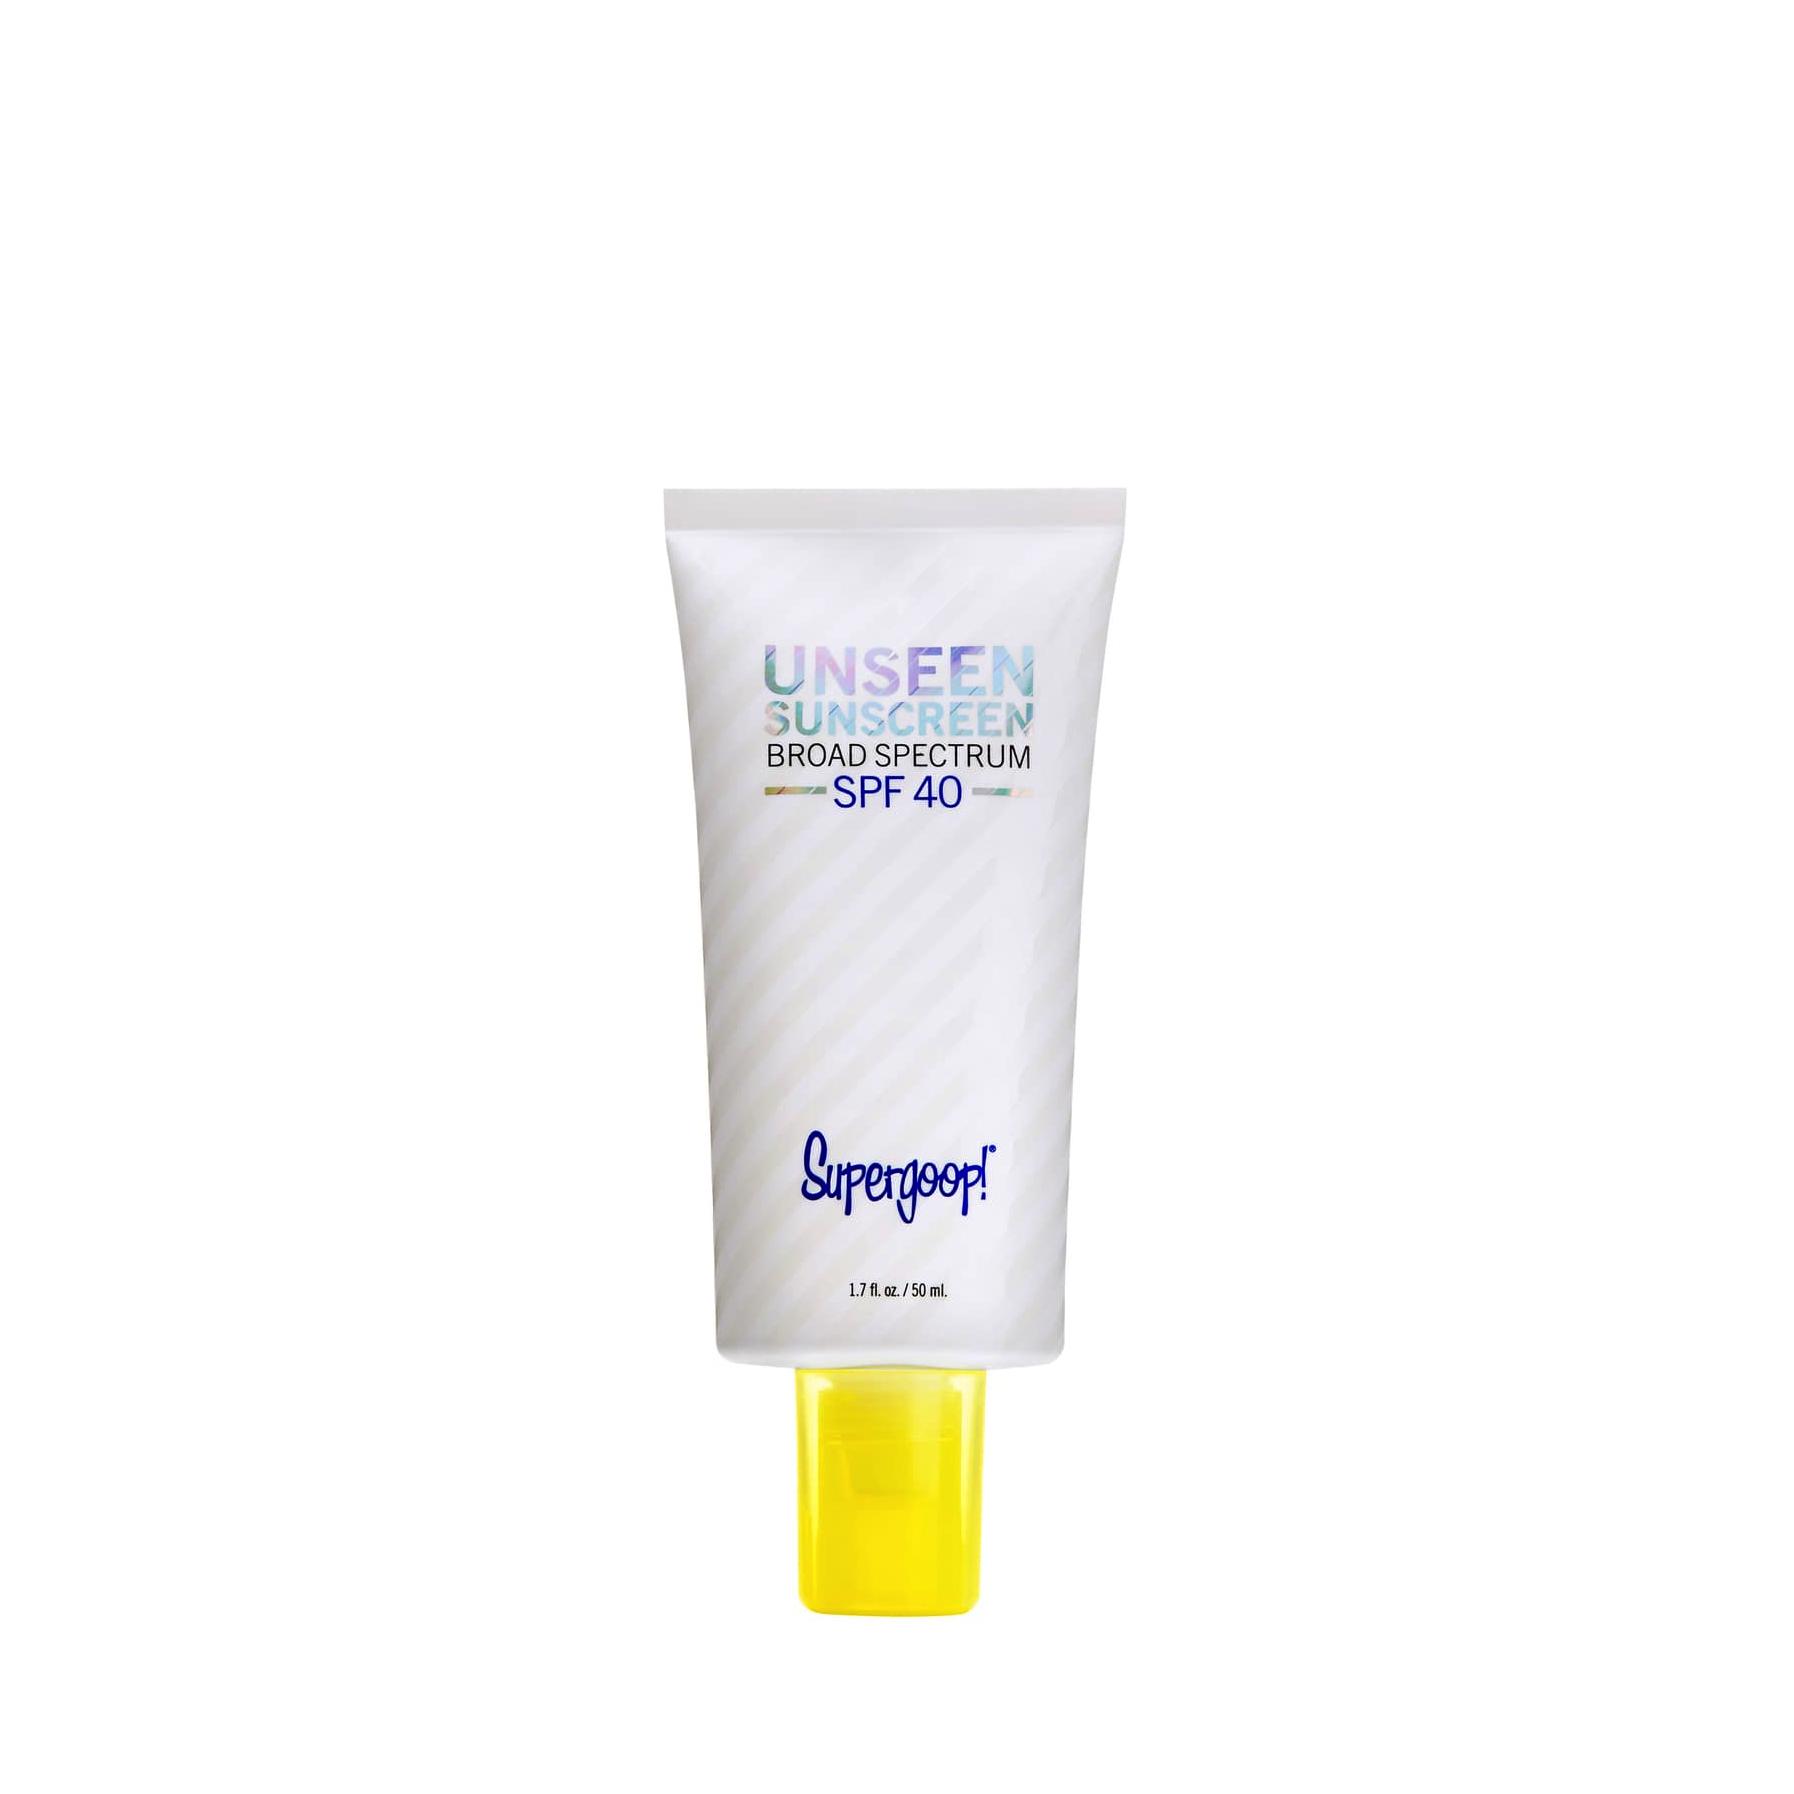 Unseen Sunscreen